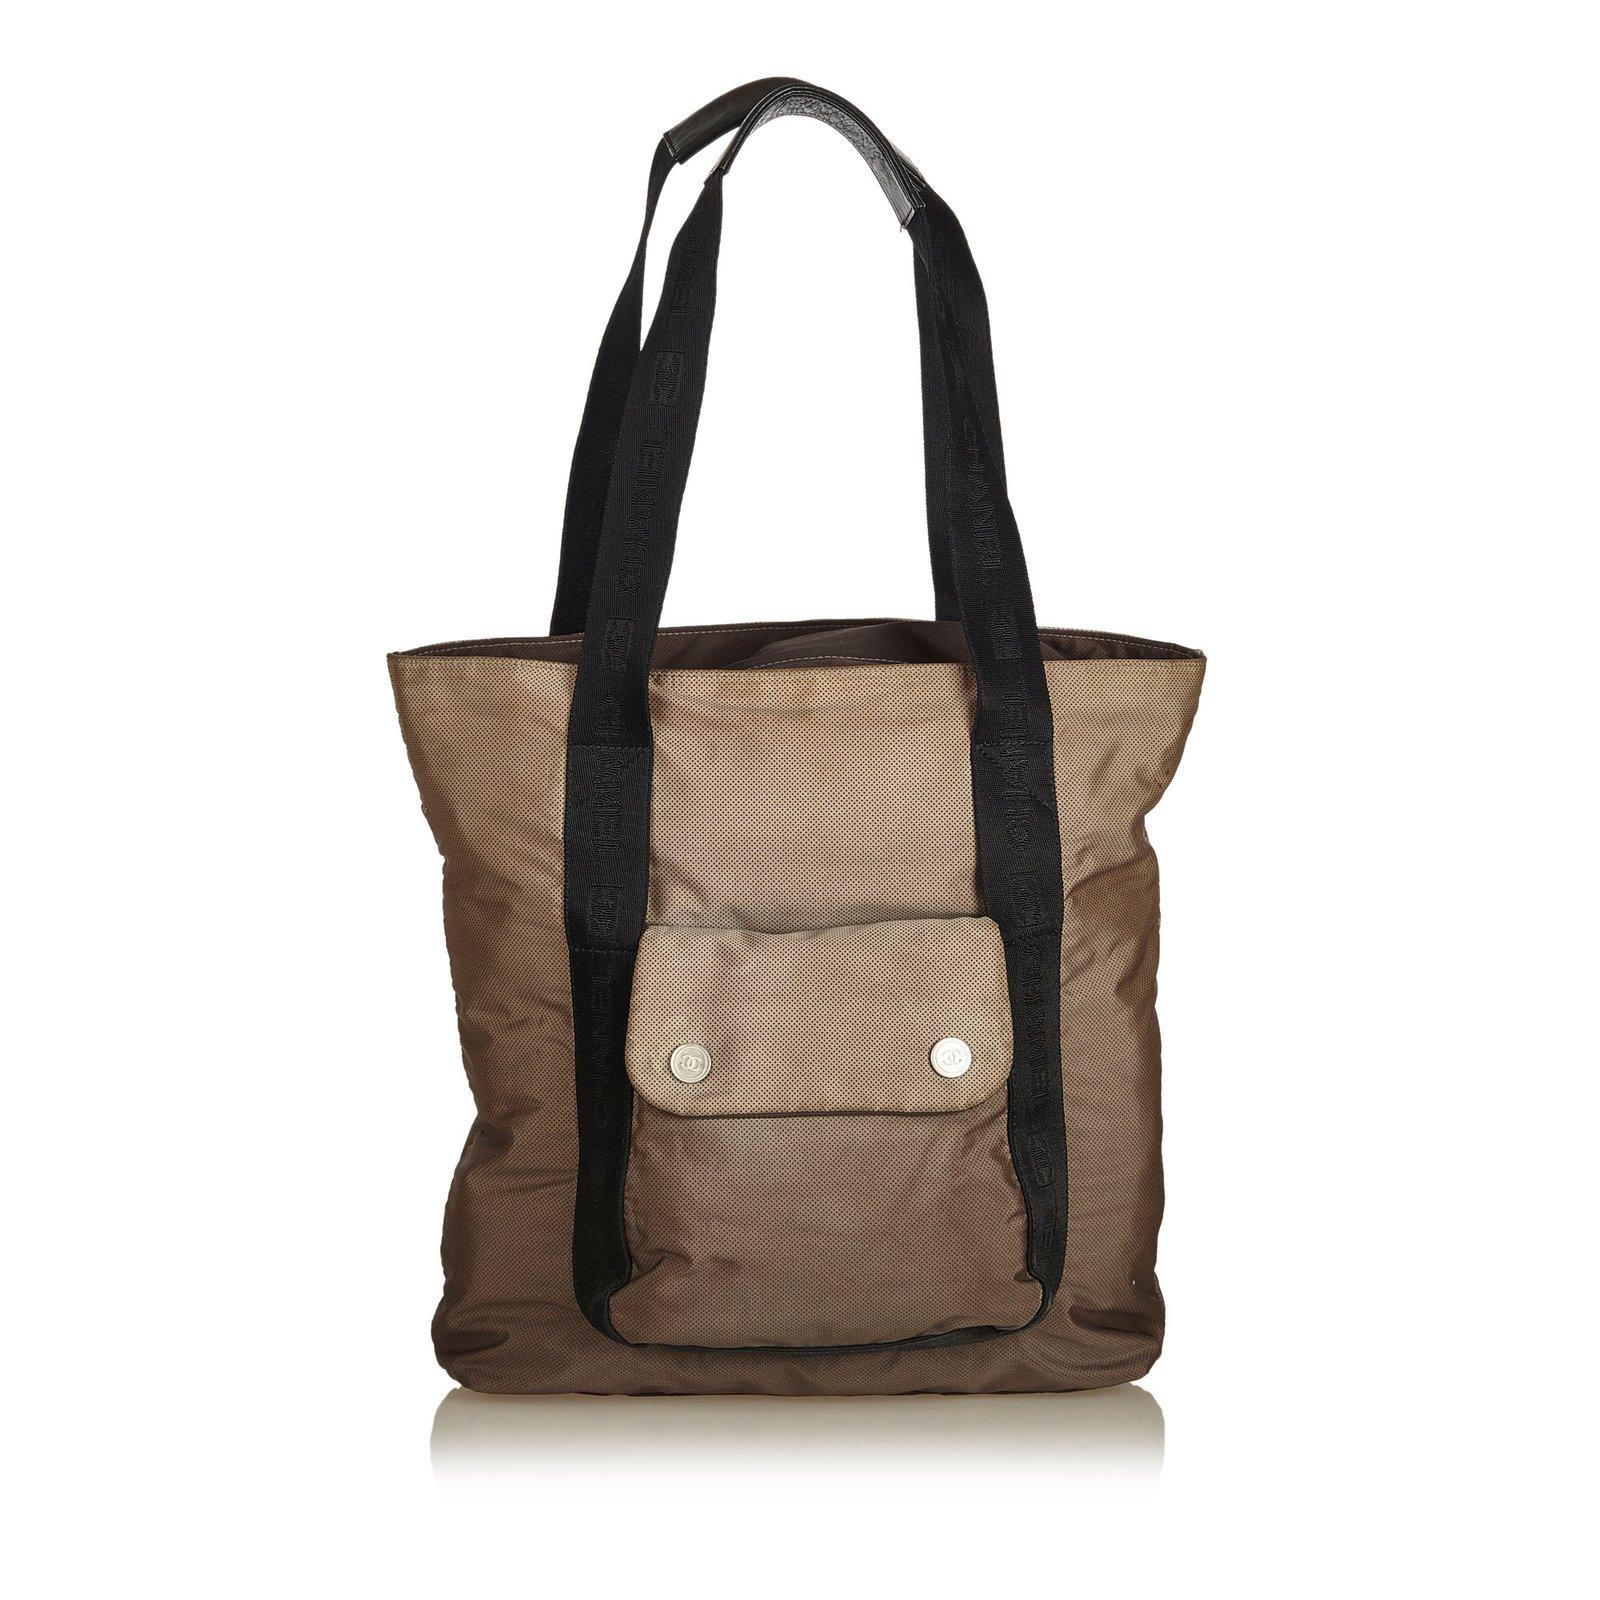 Chanel Nylon Shoulder Bag Handbags Nylon 4cbc52c5482de